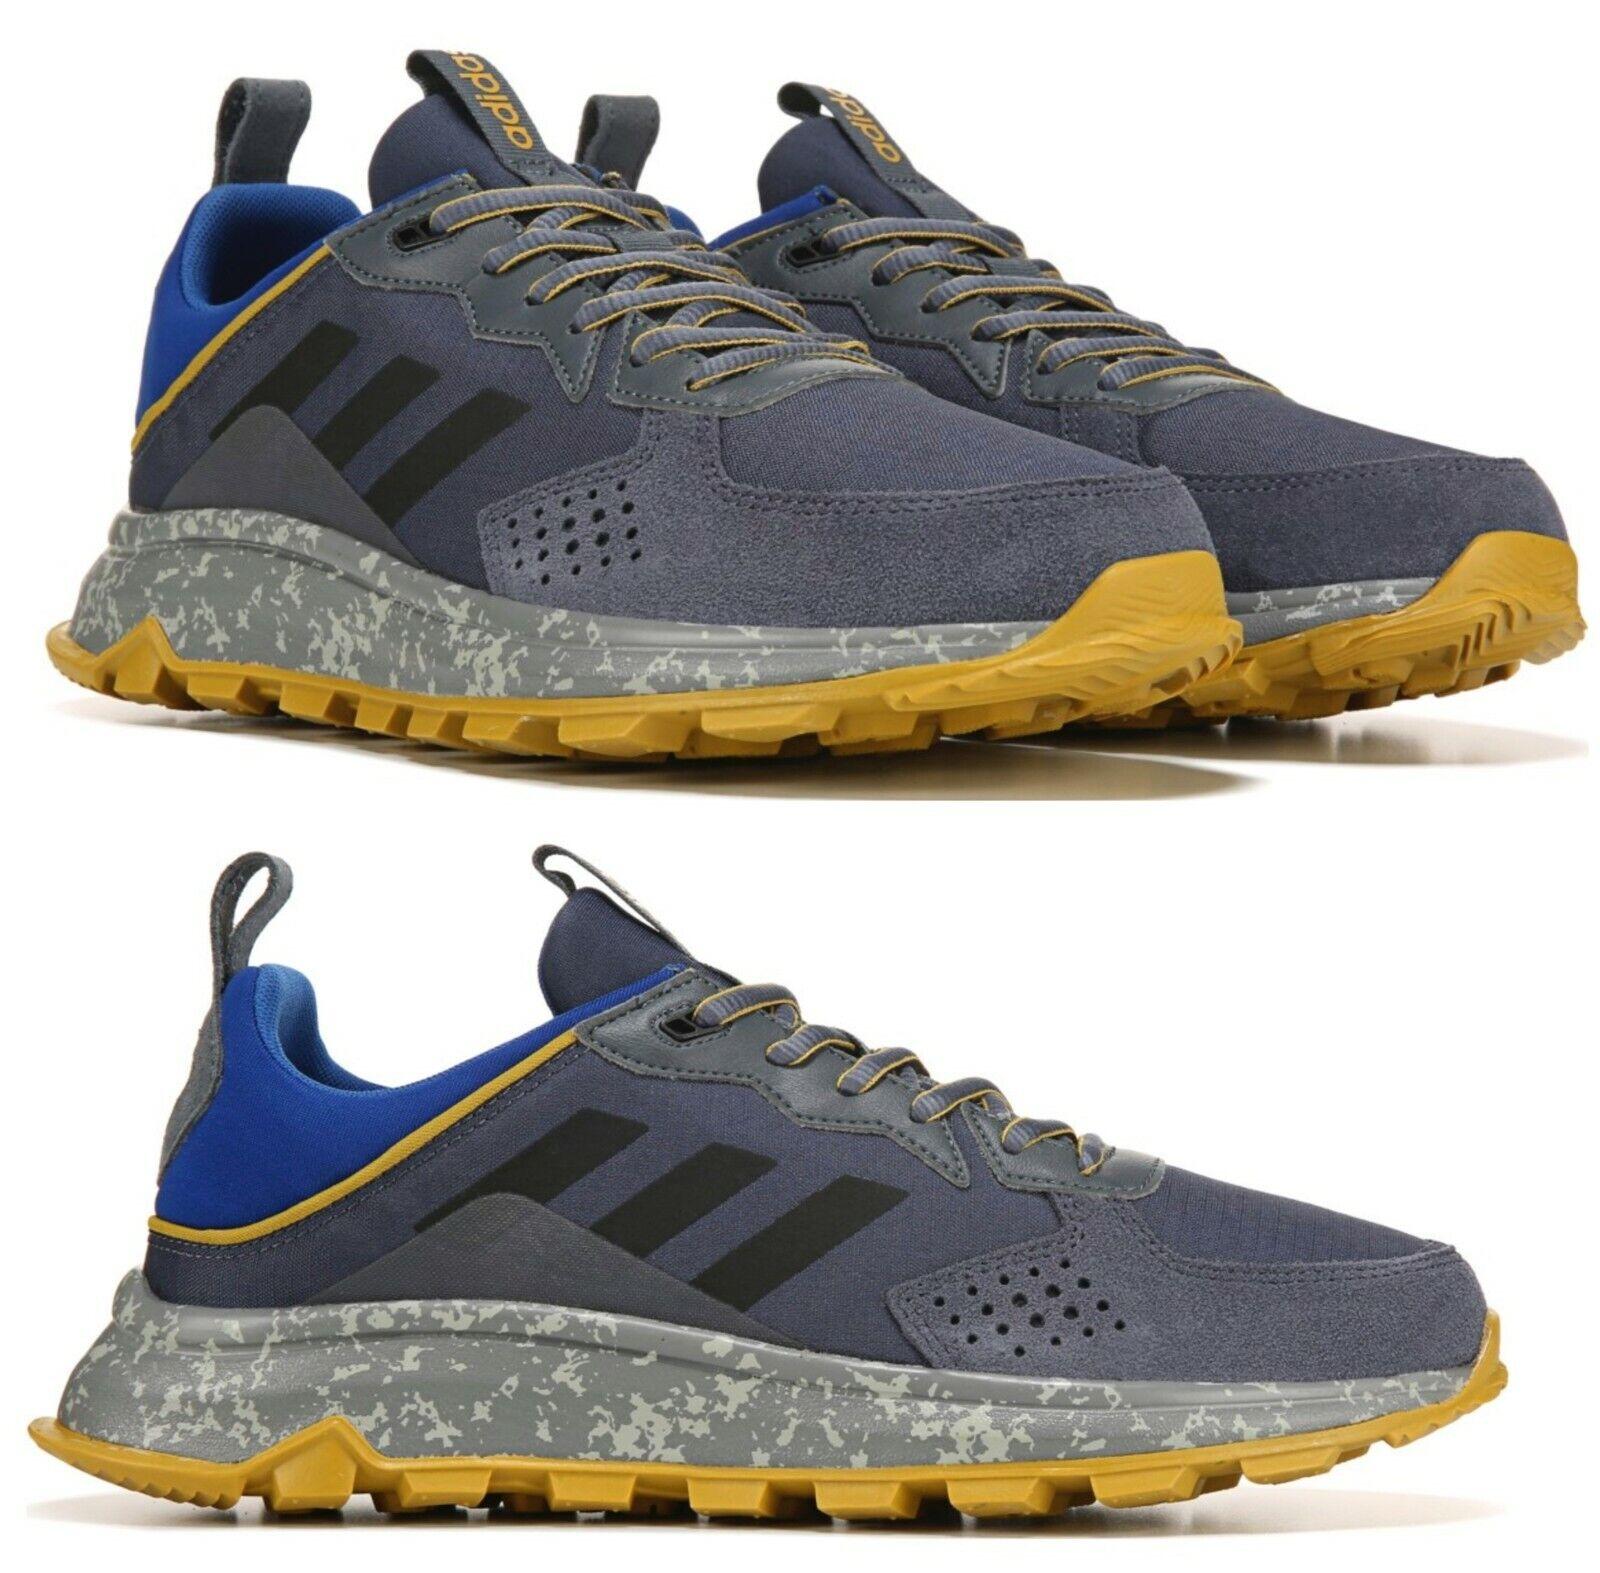 Neu Adidas Traillauf Athletic Turnschuhe Trail Herren Blau Grau Gold Alle Größen